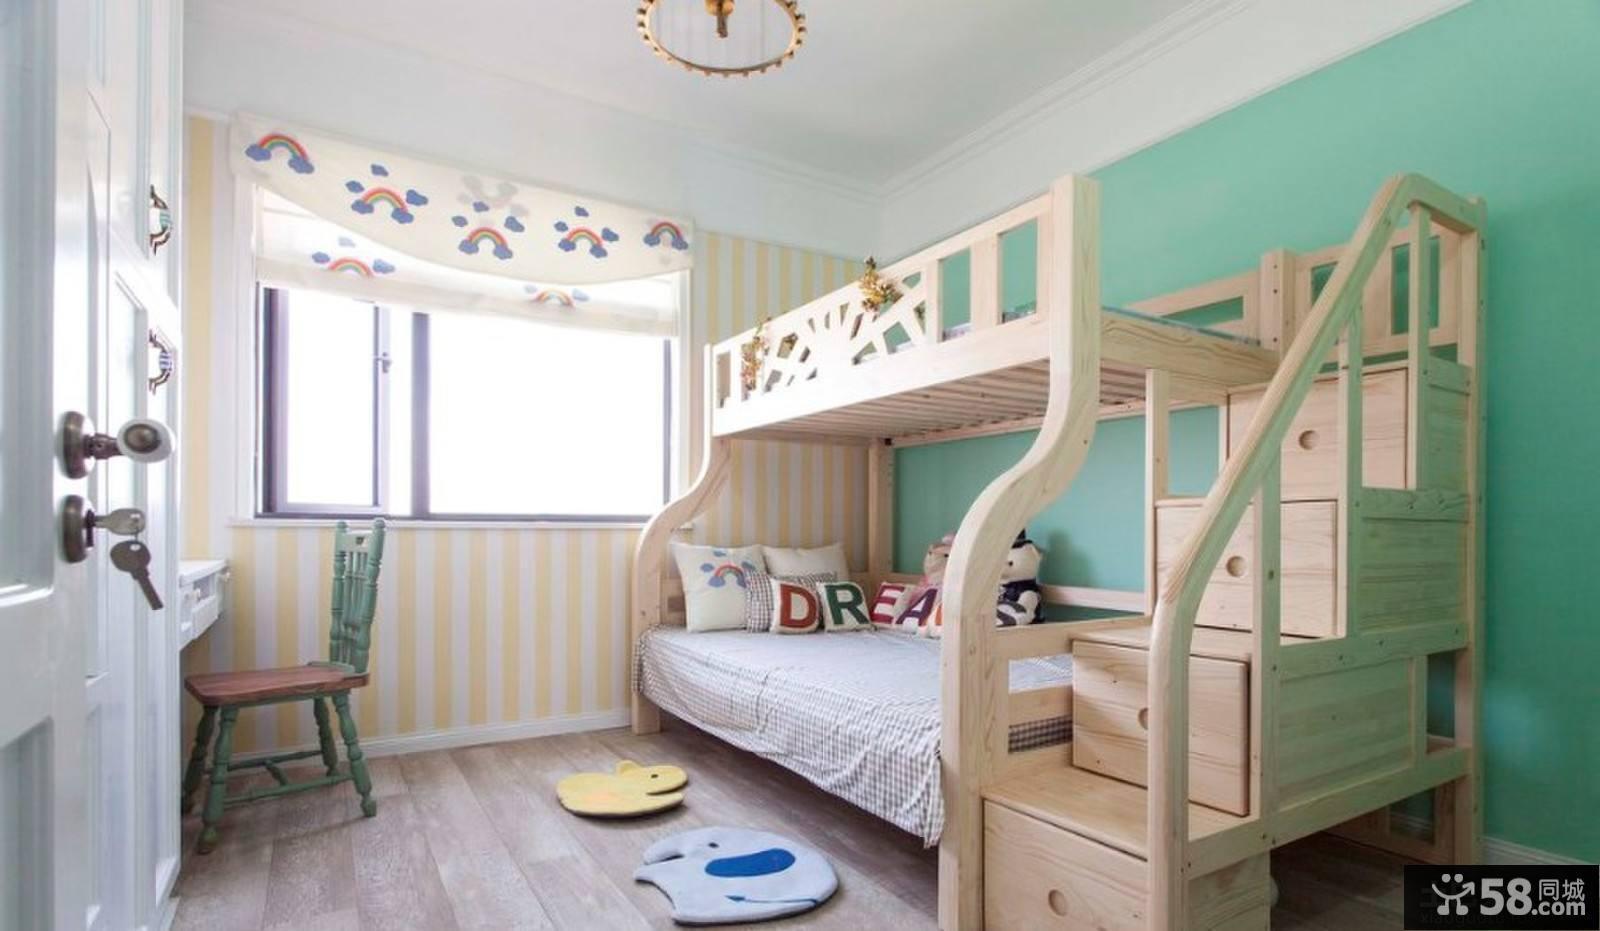 最新儿童房装修图片_最新上下铺儿童房装修效果图 - 58装修效果图